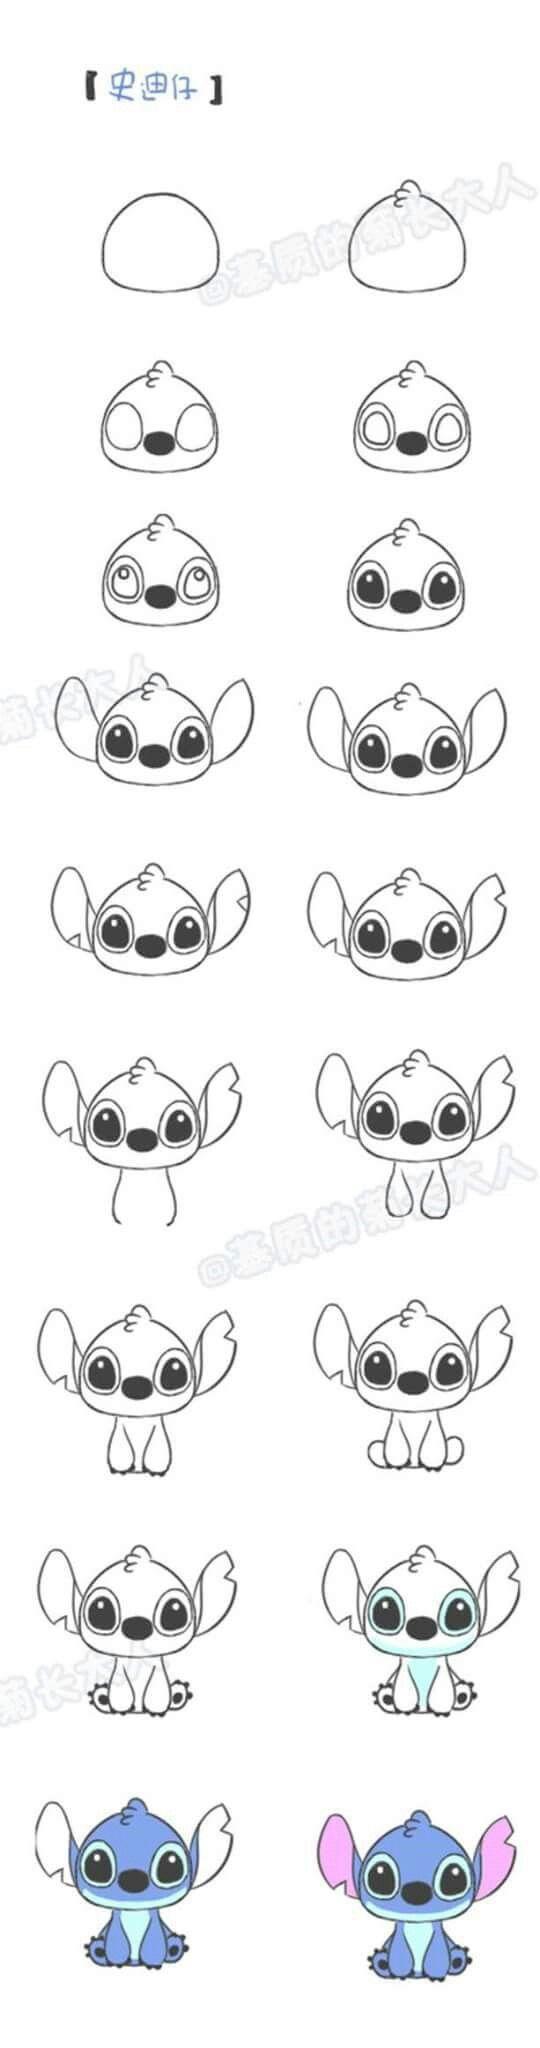 Draw simple Stitch